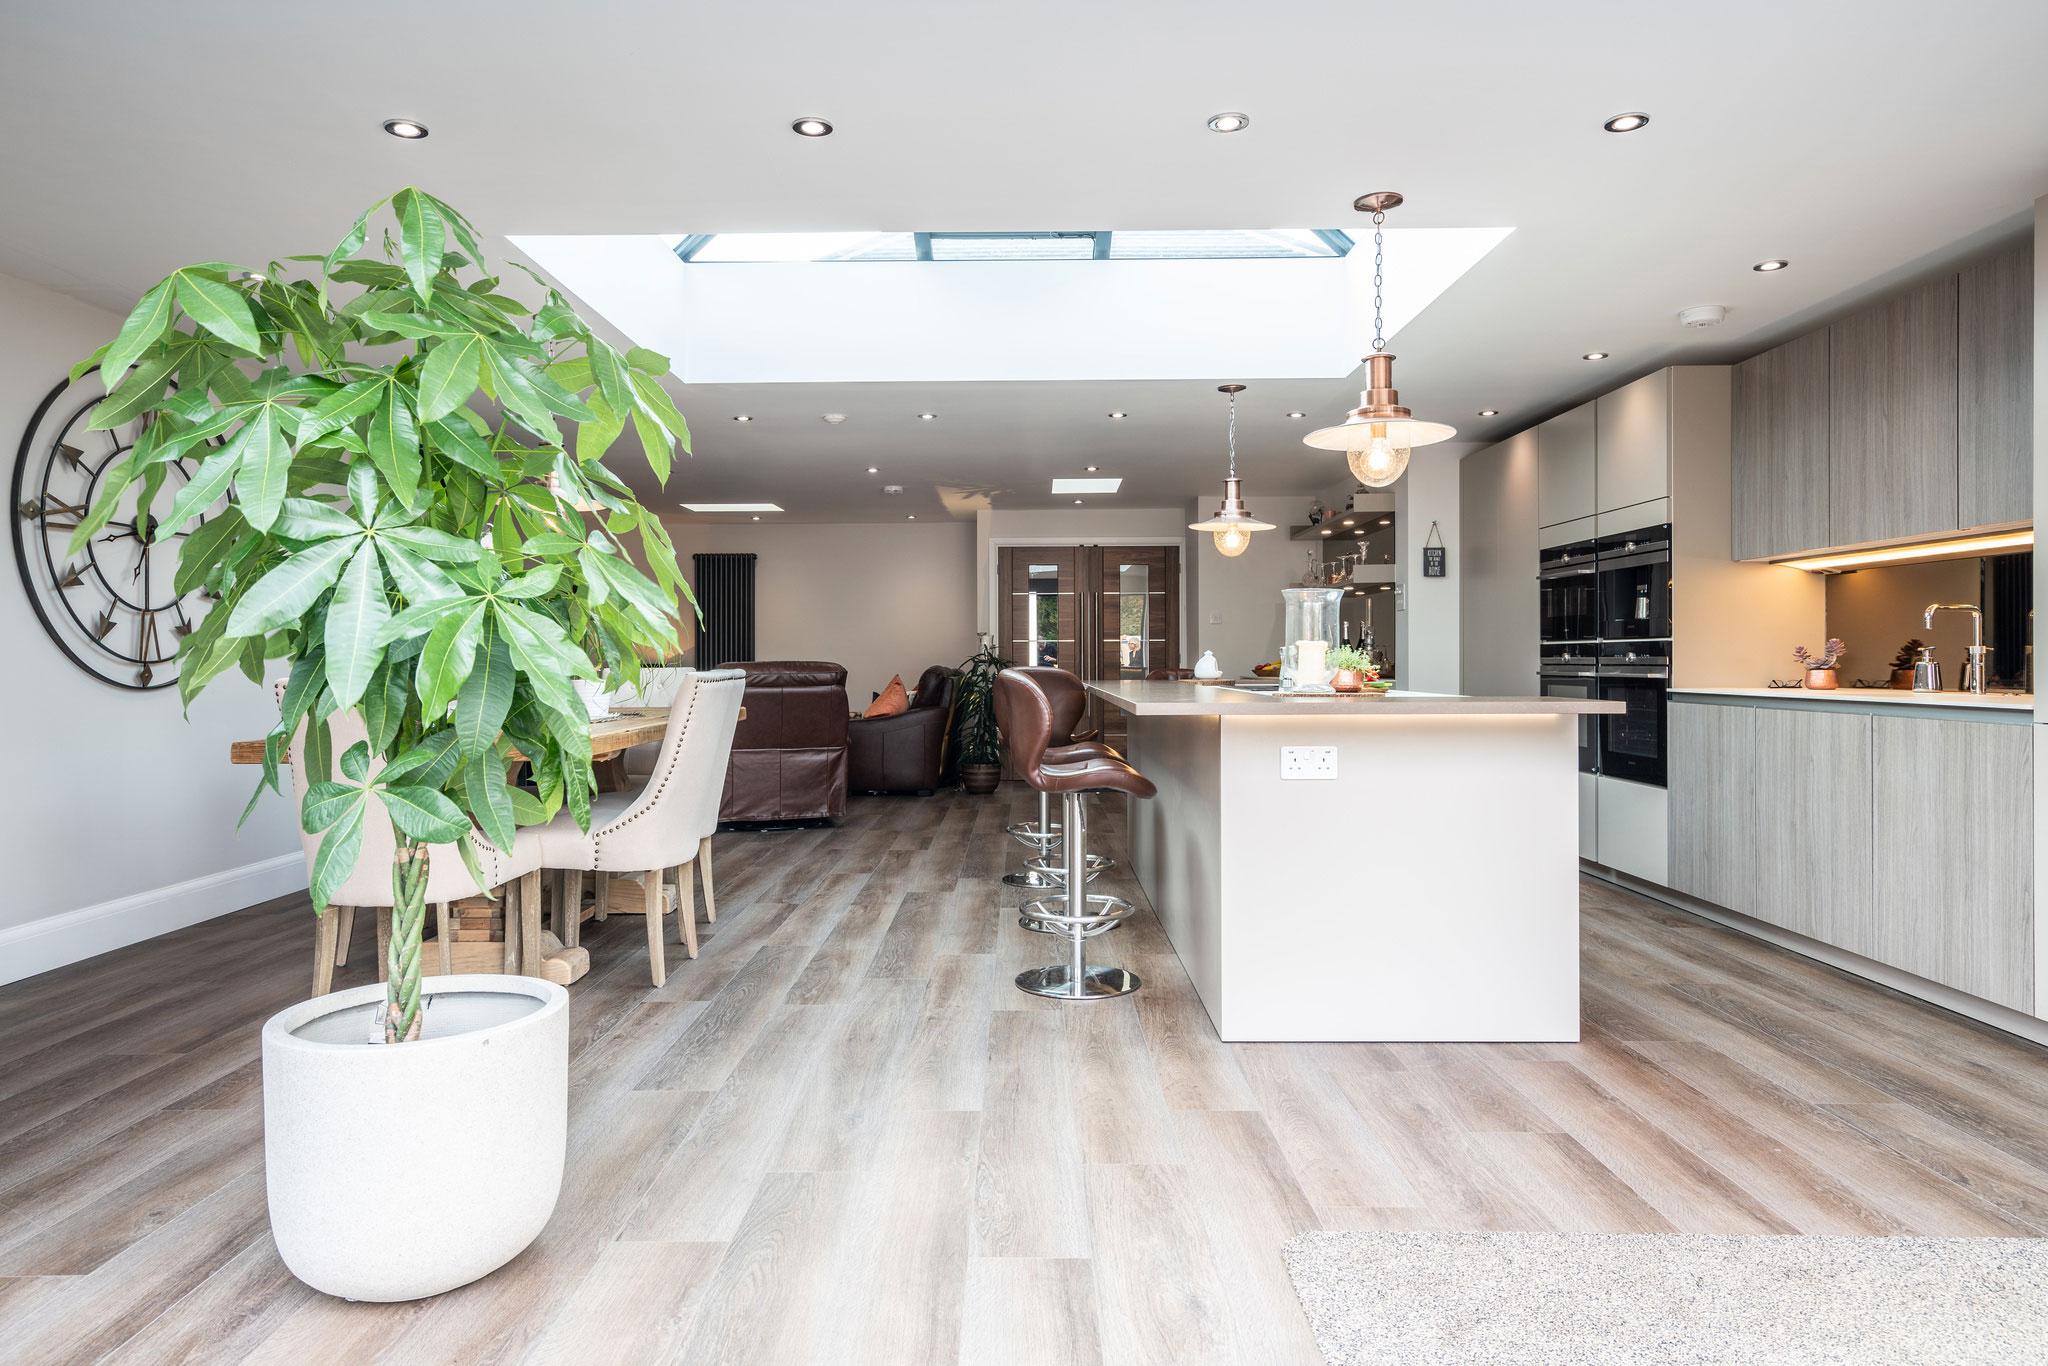 Image of Myers Touch Daniels Kitchen 01224 ZF 2442 14358 1 069 in Uno spazio progettato per socializzare - Cosentino